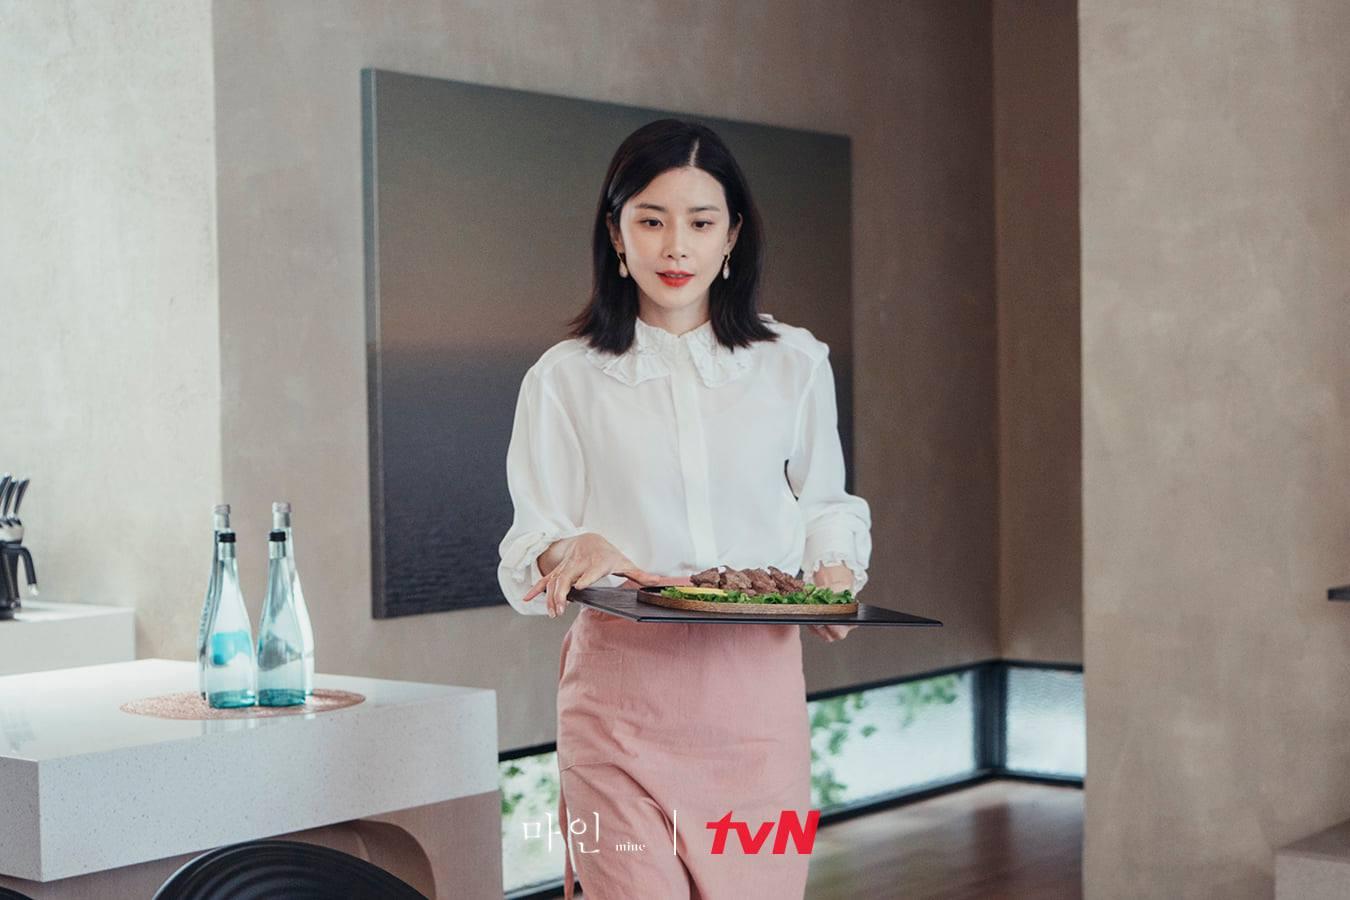 韓国ドラマ「mine」ファッション3